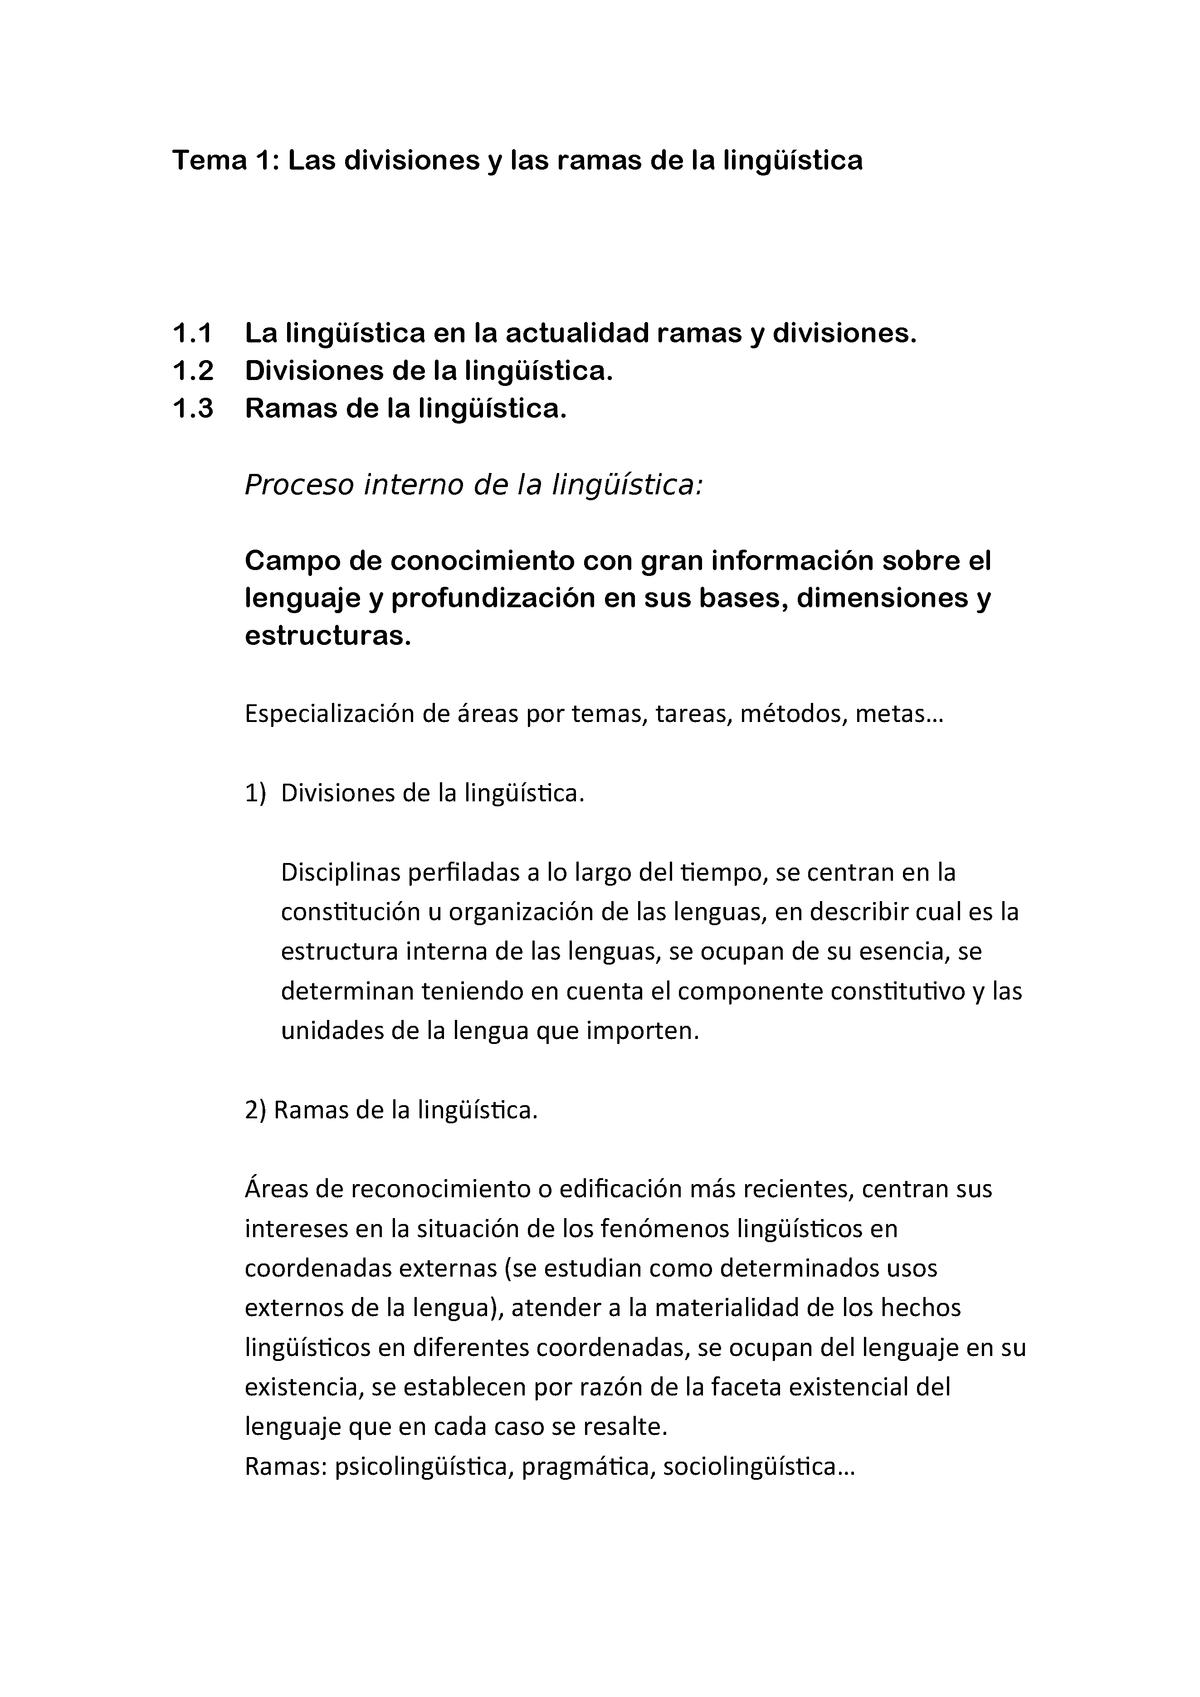 Tema 1 Disciplinas Linguisticas 790014 Uah Studocu